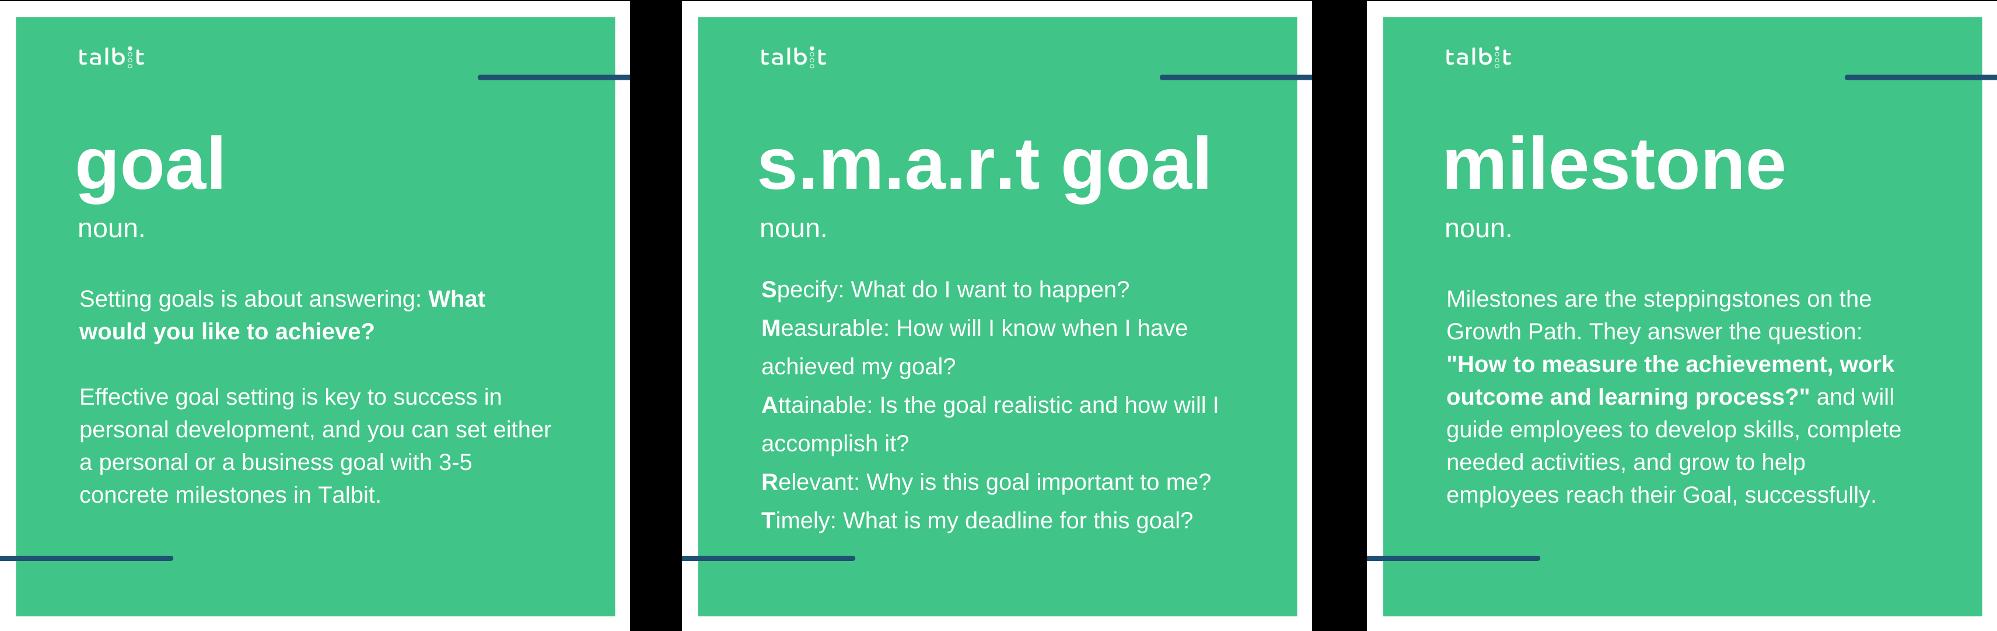 goals milestones